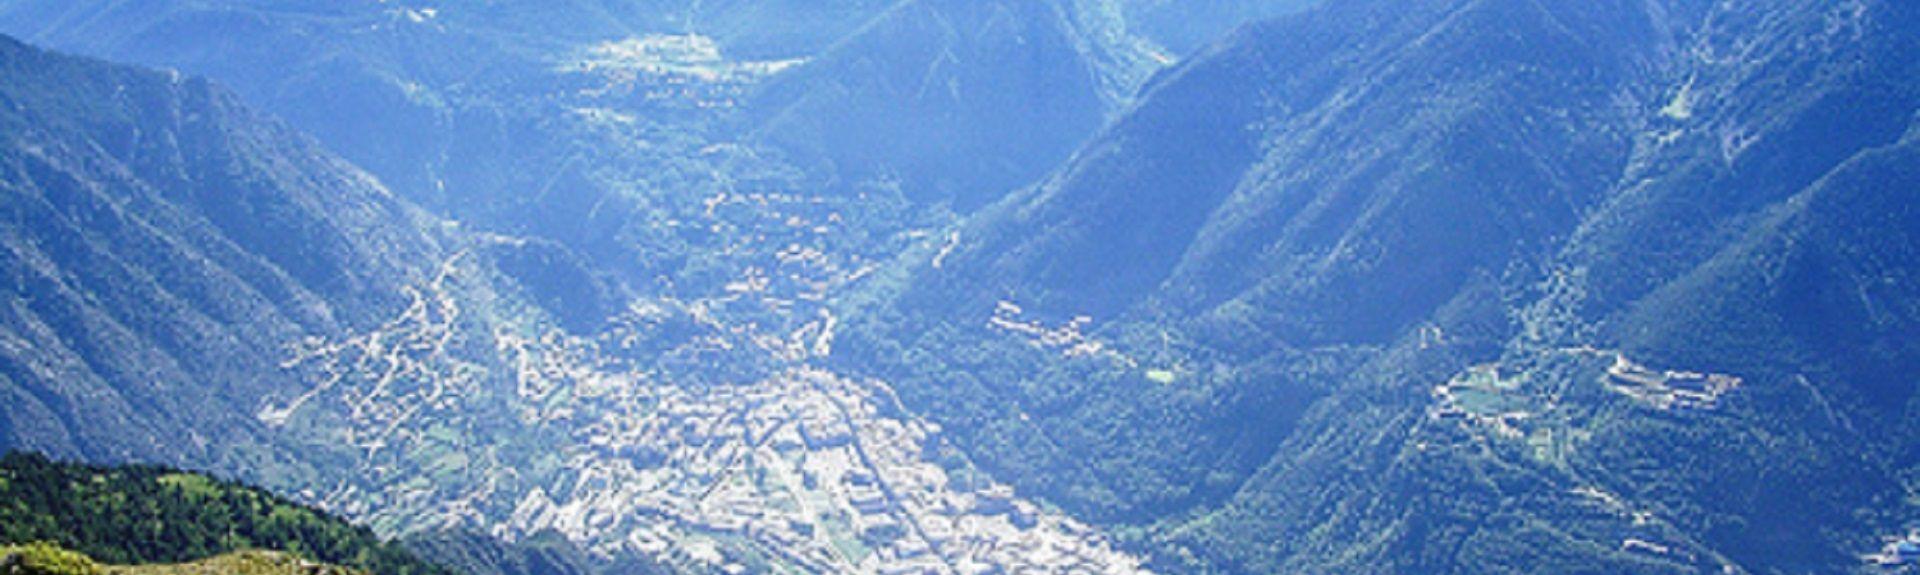 Naturlandia, Sant Julia de Loria, Andorra